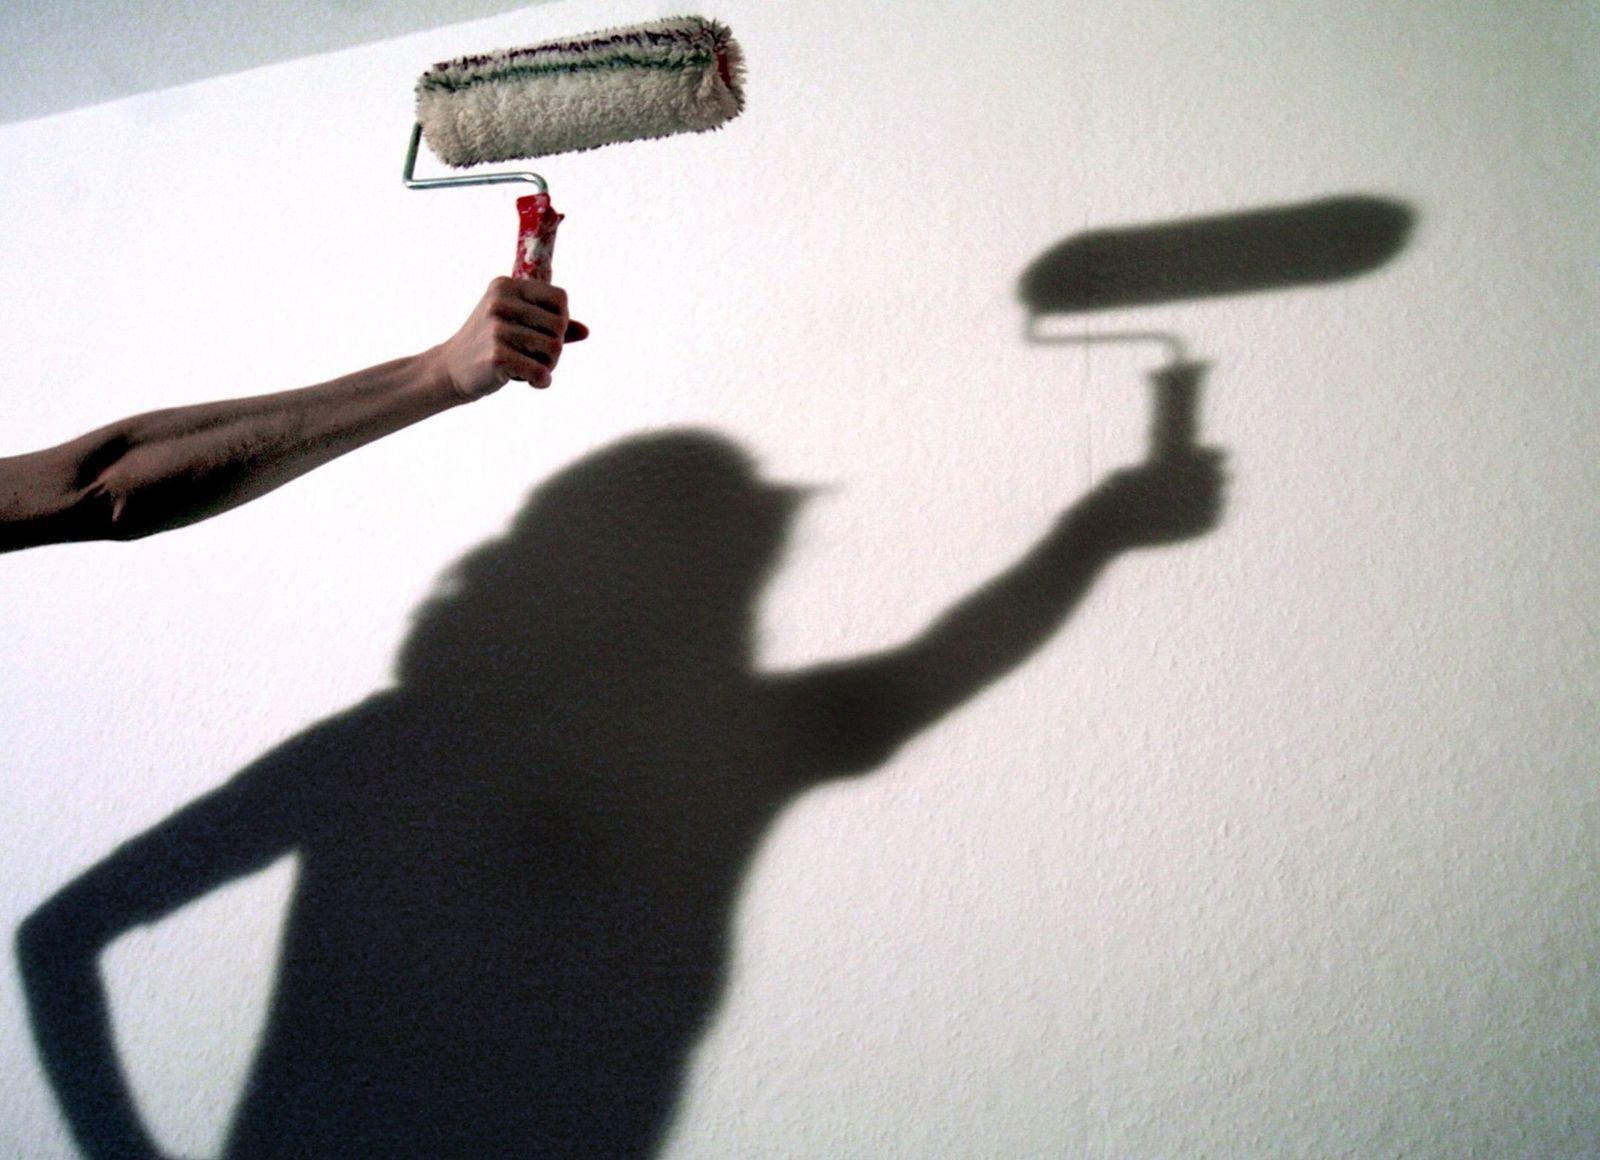 Schönheitsreparatur / Wand wird frisch gestrichen